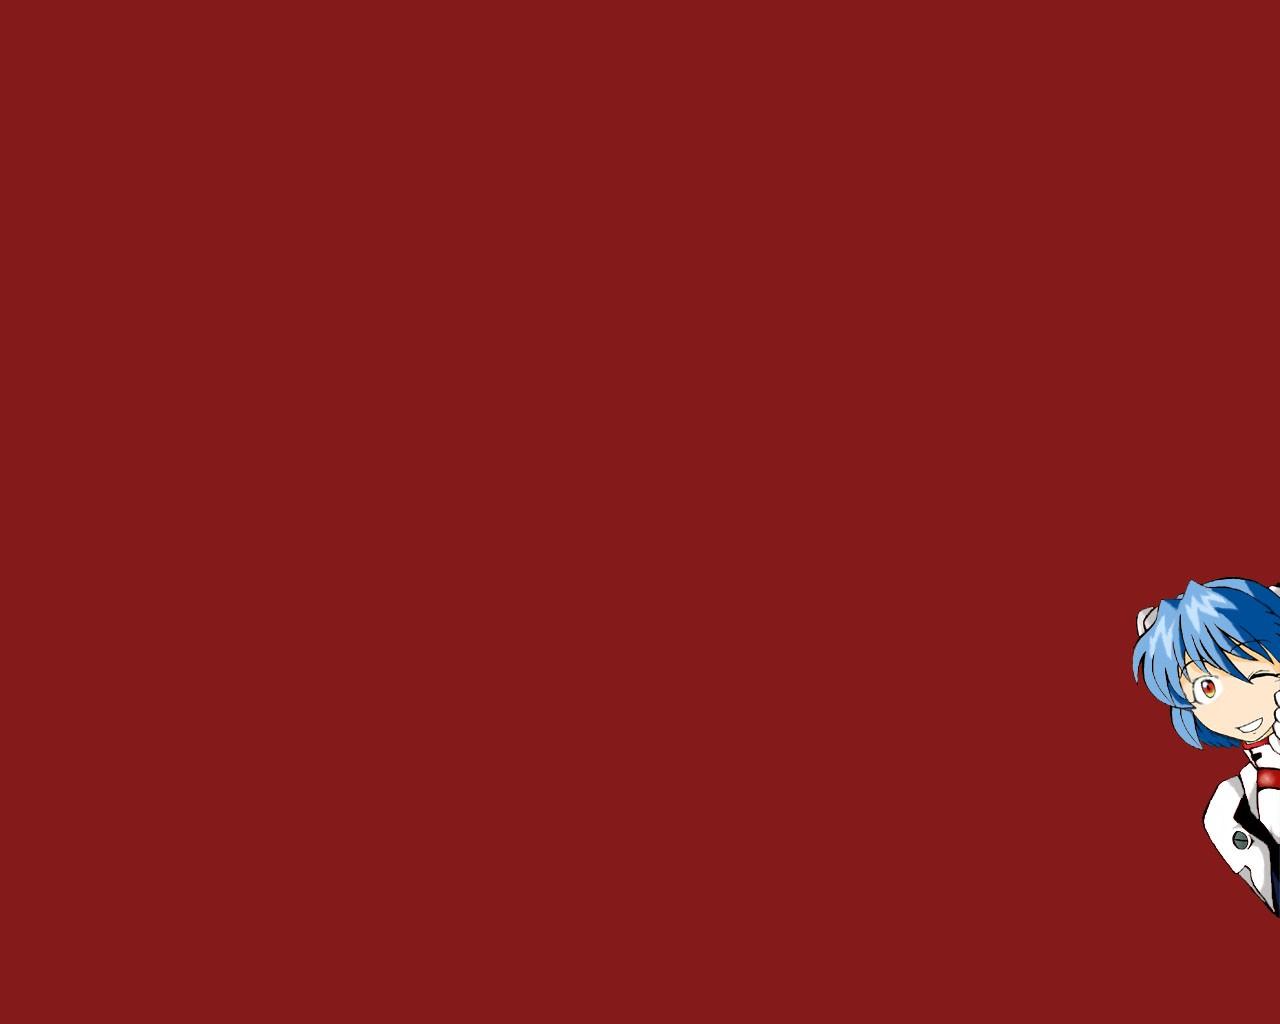 デスクトップ壁紙 アニメの女の子 赤 新世紀エヴァンゲリオン